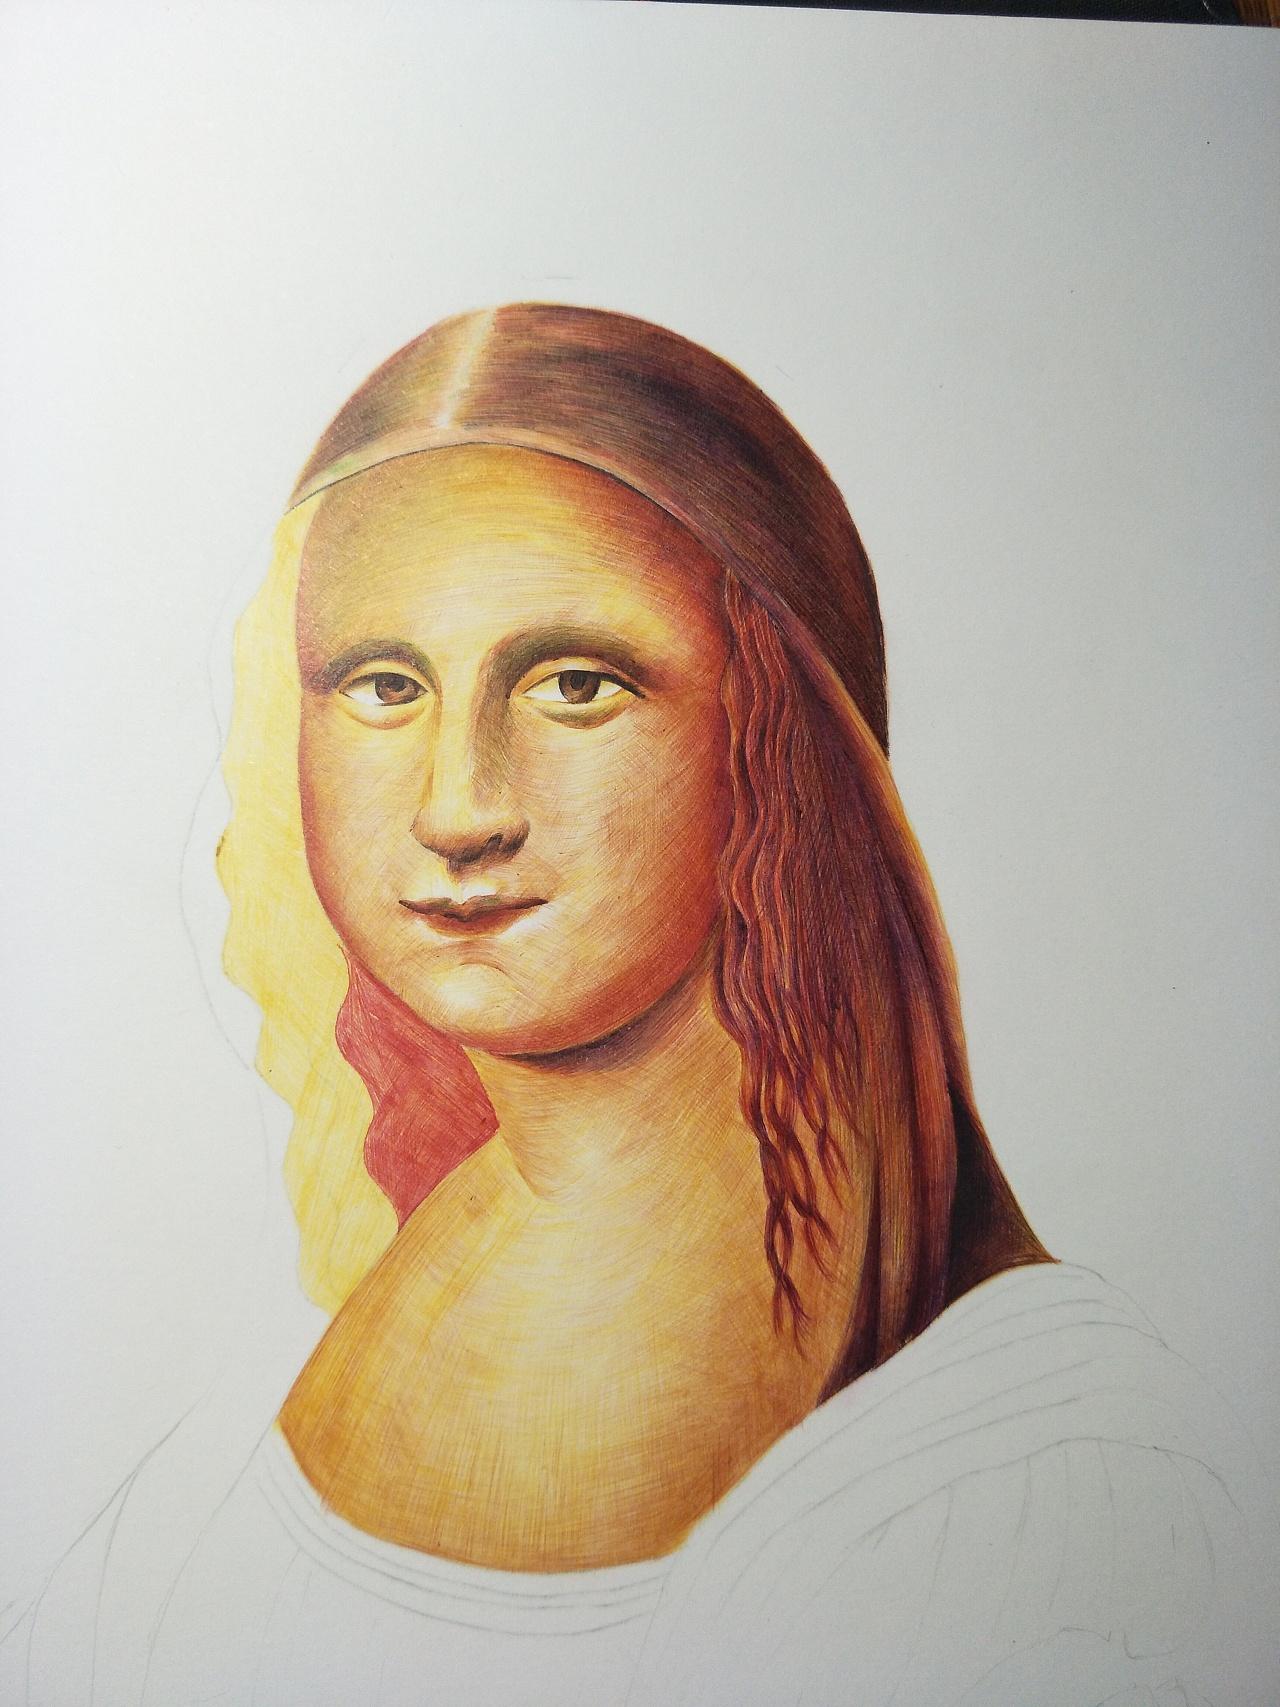 临摹圆珠笔-画蒙娜丽莎图片